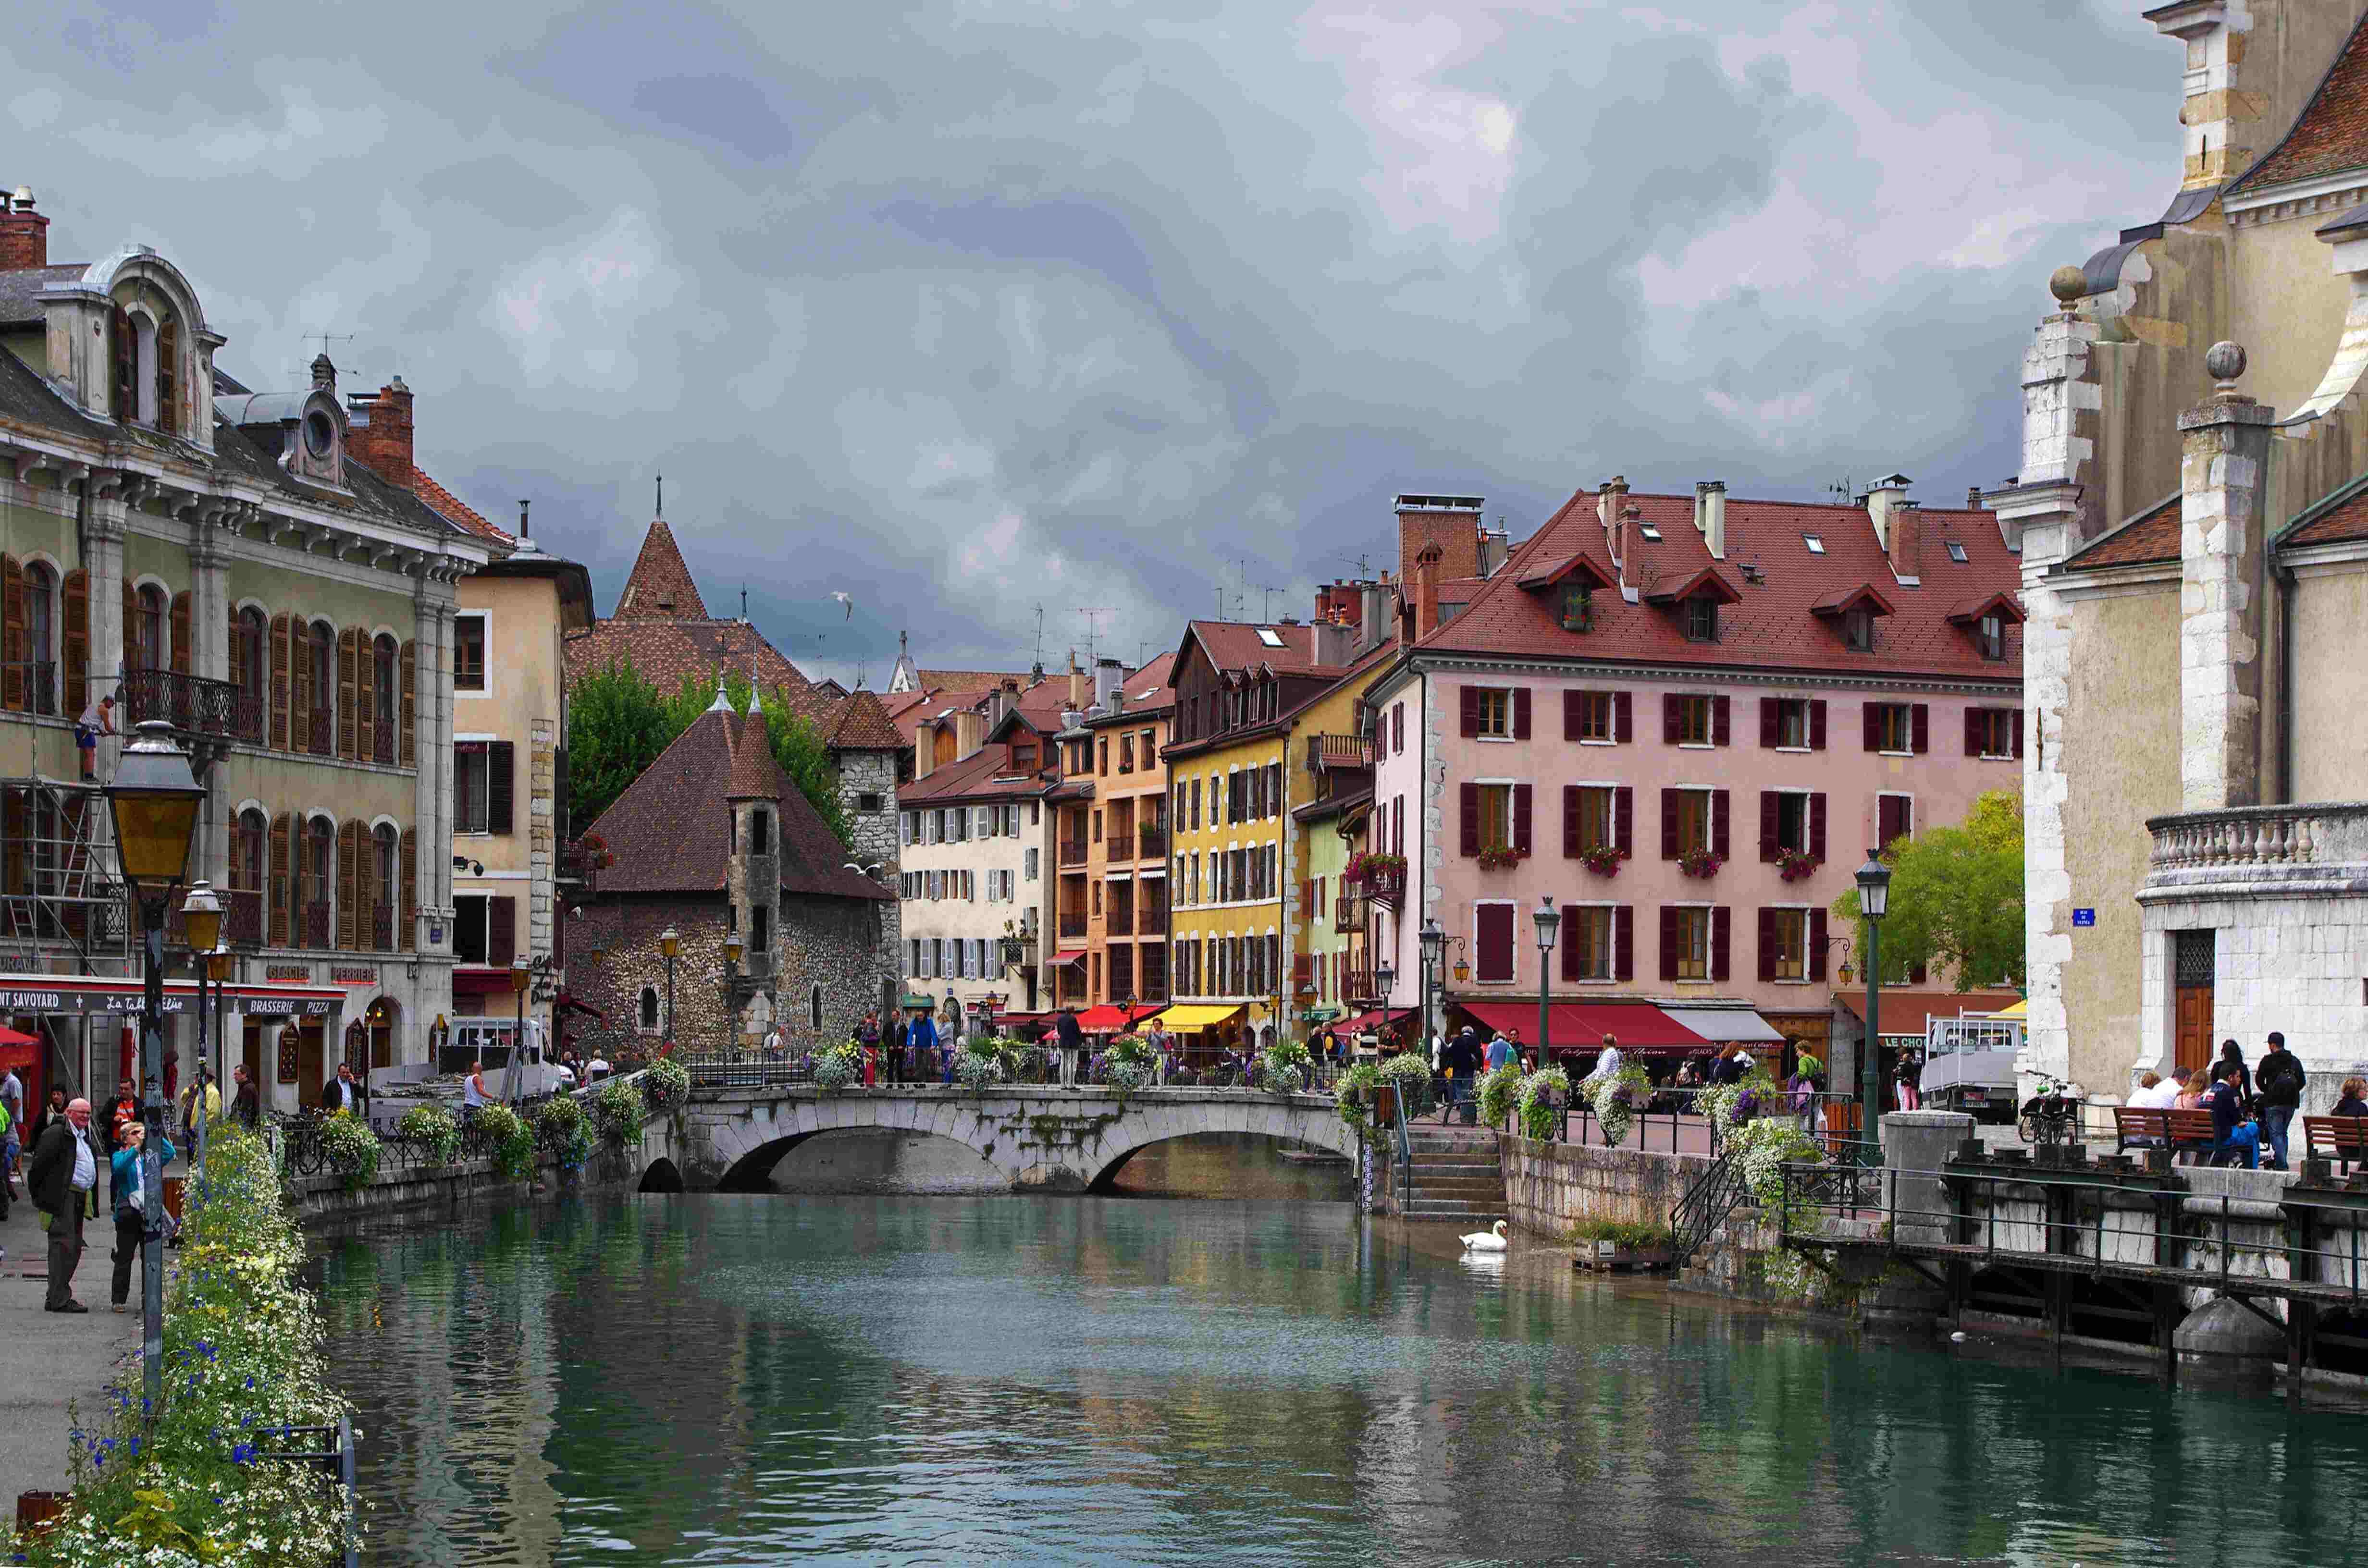 Annecy, France. Taken by Daniel Jolivet via Flickr.